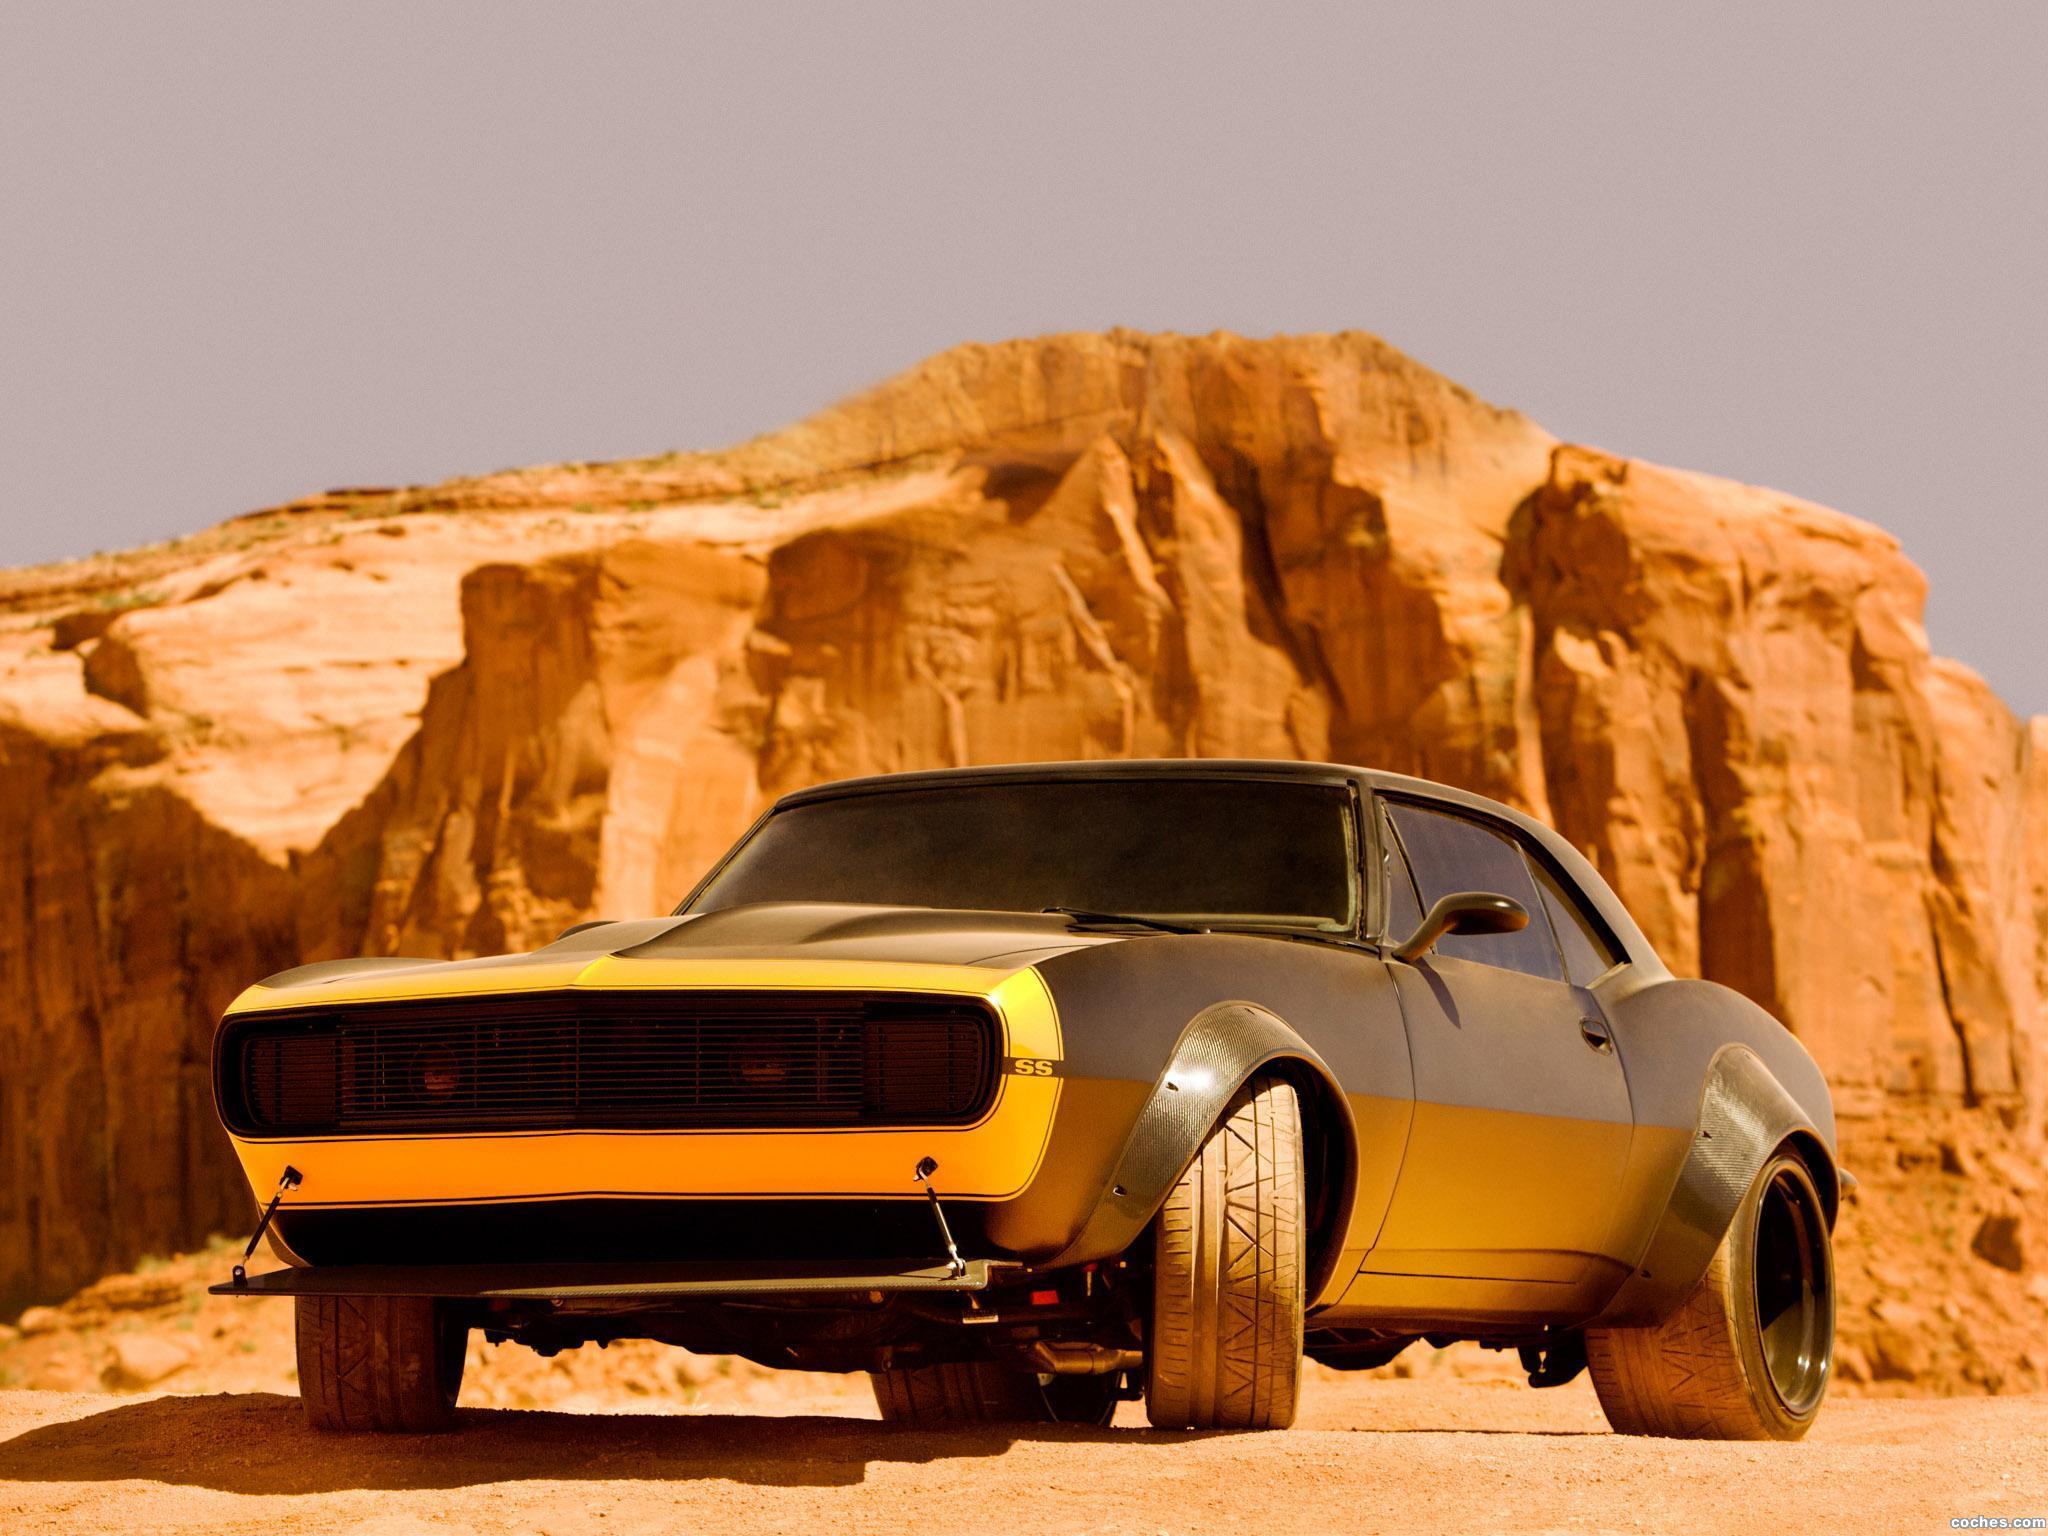 Foto 0 de Chevrolet Camaro SS 1967 Bumblebee Transformers 4 2014